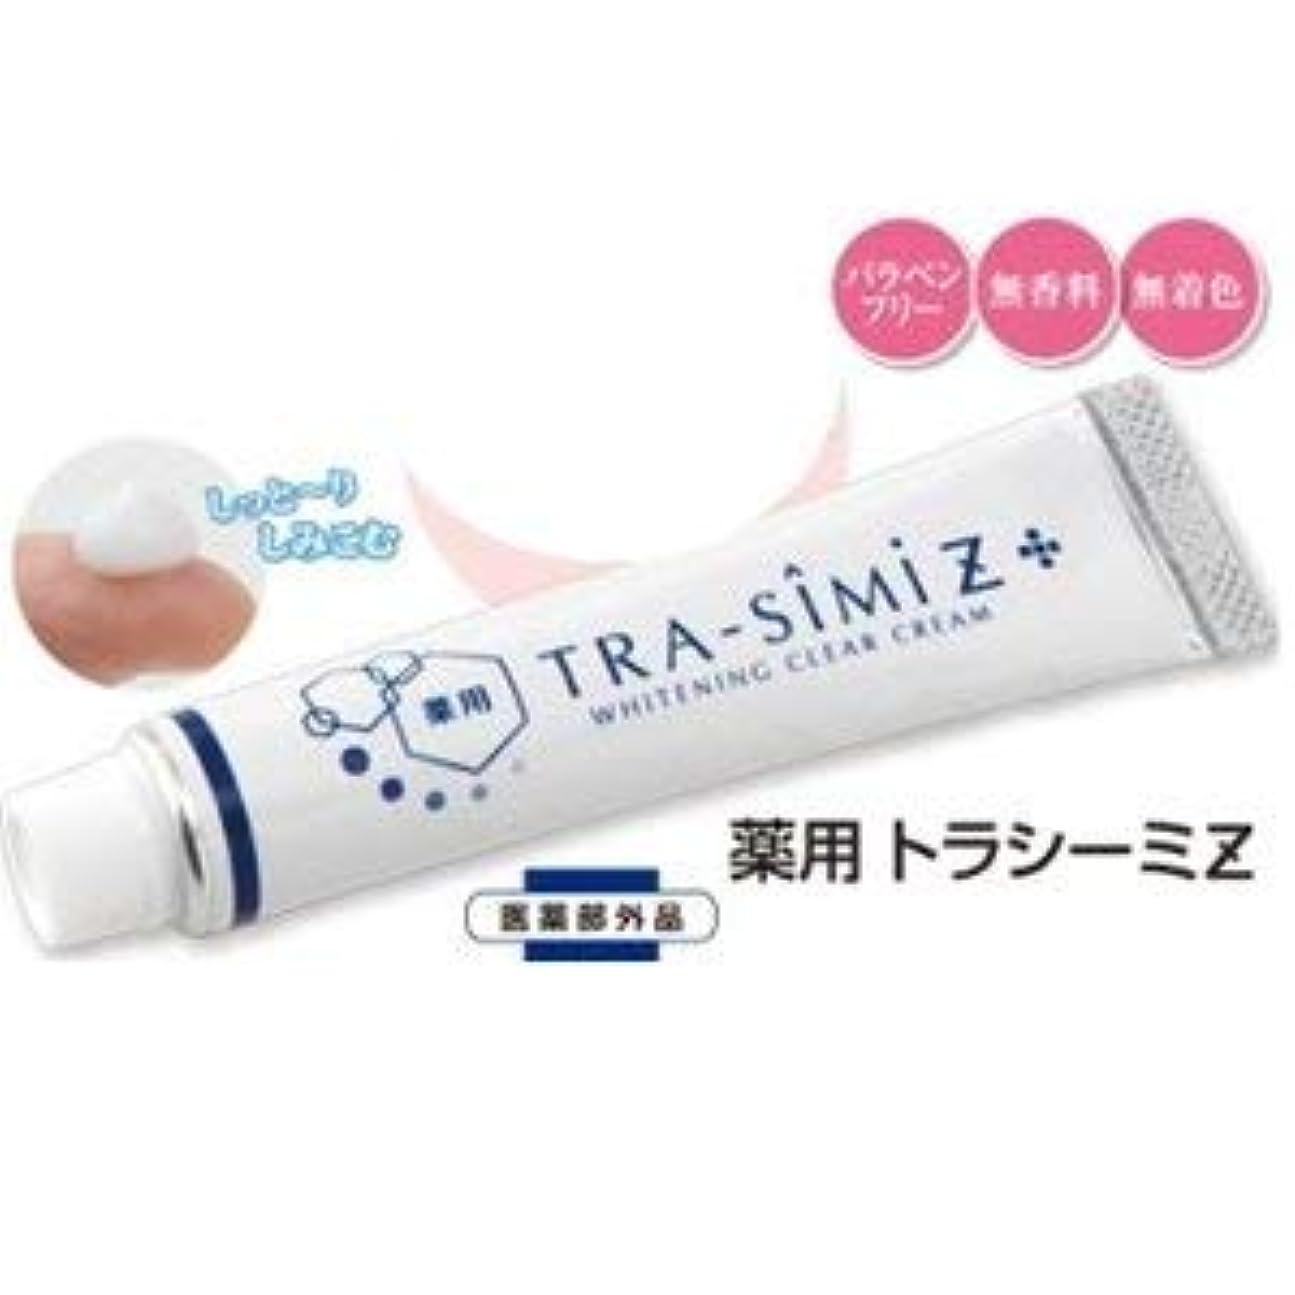 ギャングスター助手思春期薬用トラシーミZ 医薬部外品30個セット